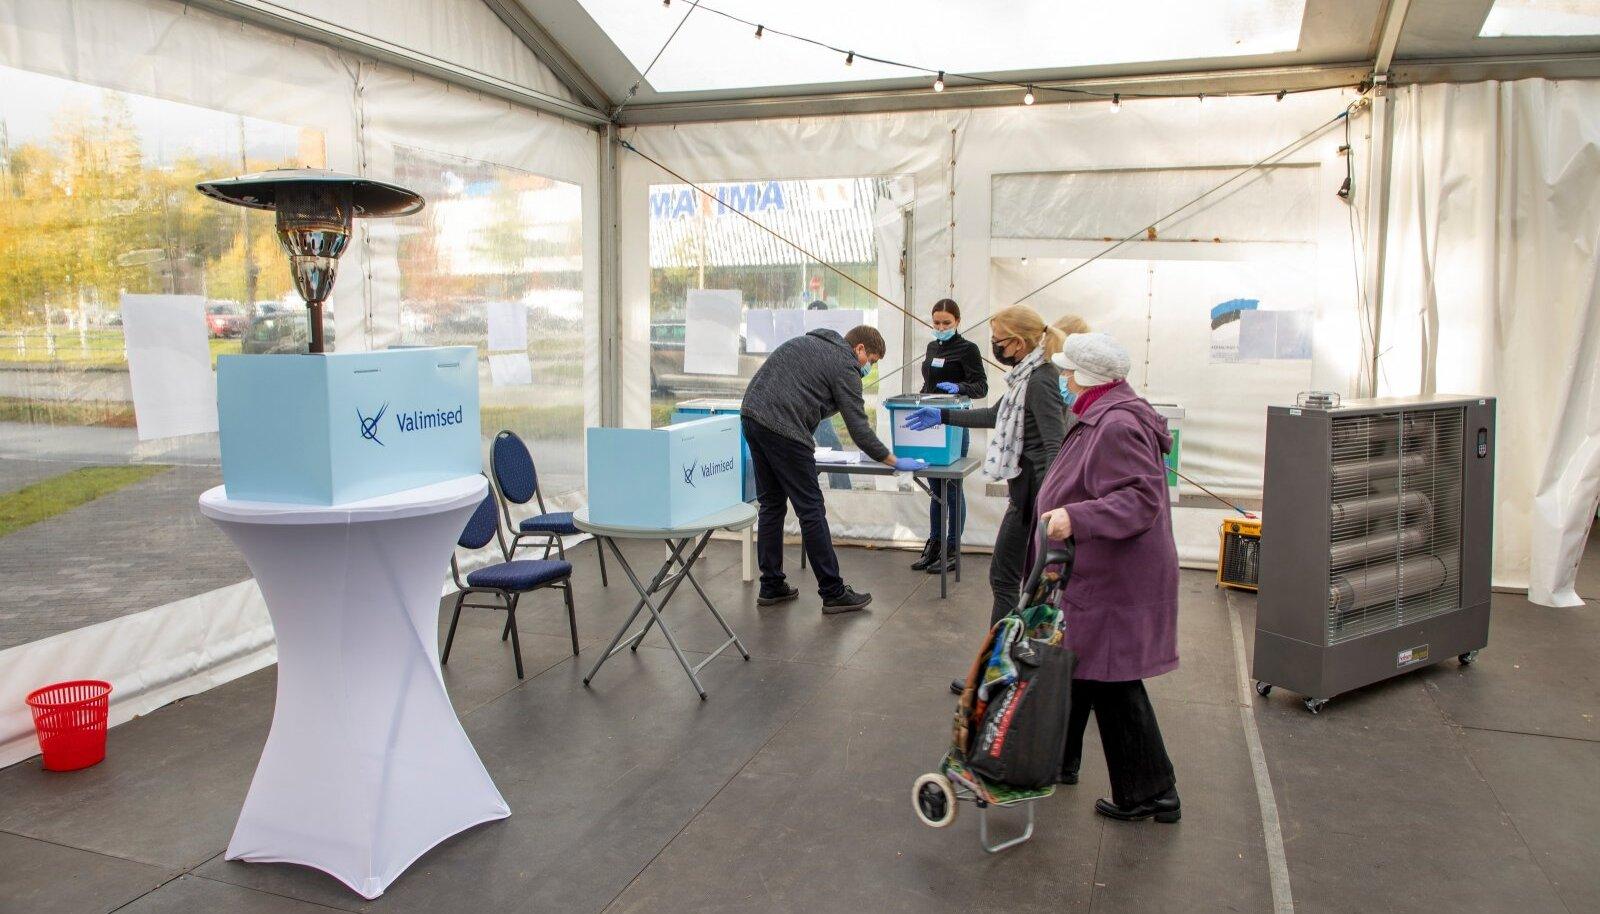 Põhja-Tallinna valimisjaoskonnas nr. 86 oli keskpäeval, kui see avati, juba hääletajate järjekord ukse taga.